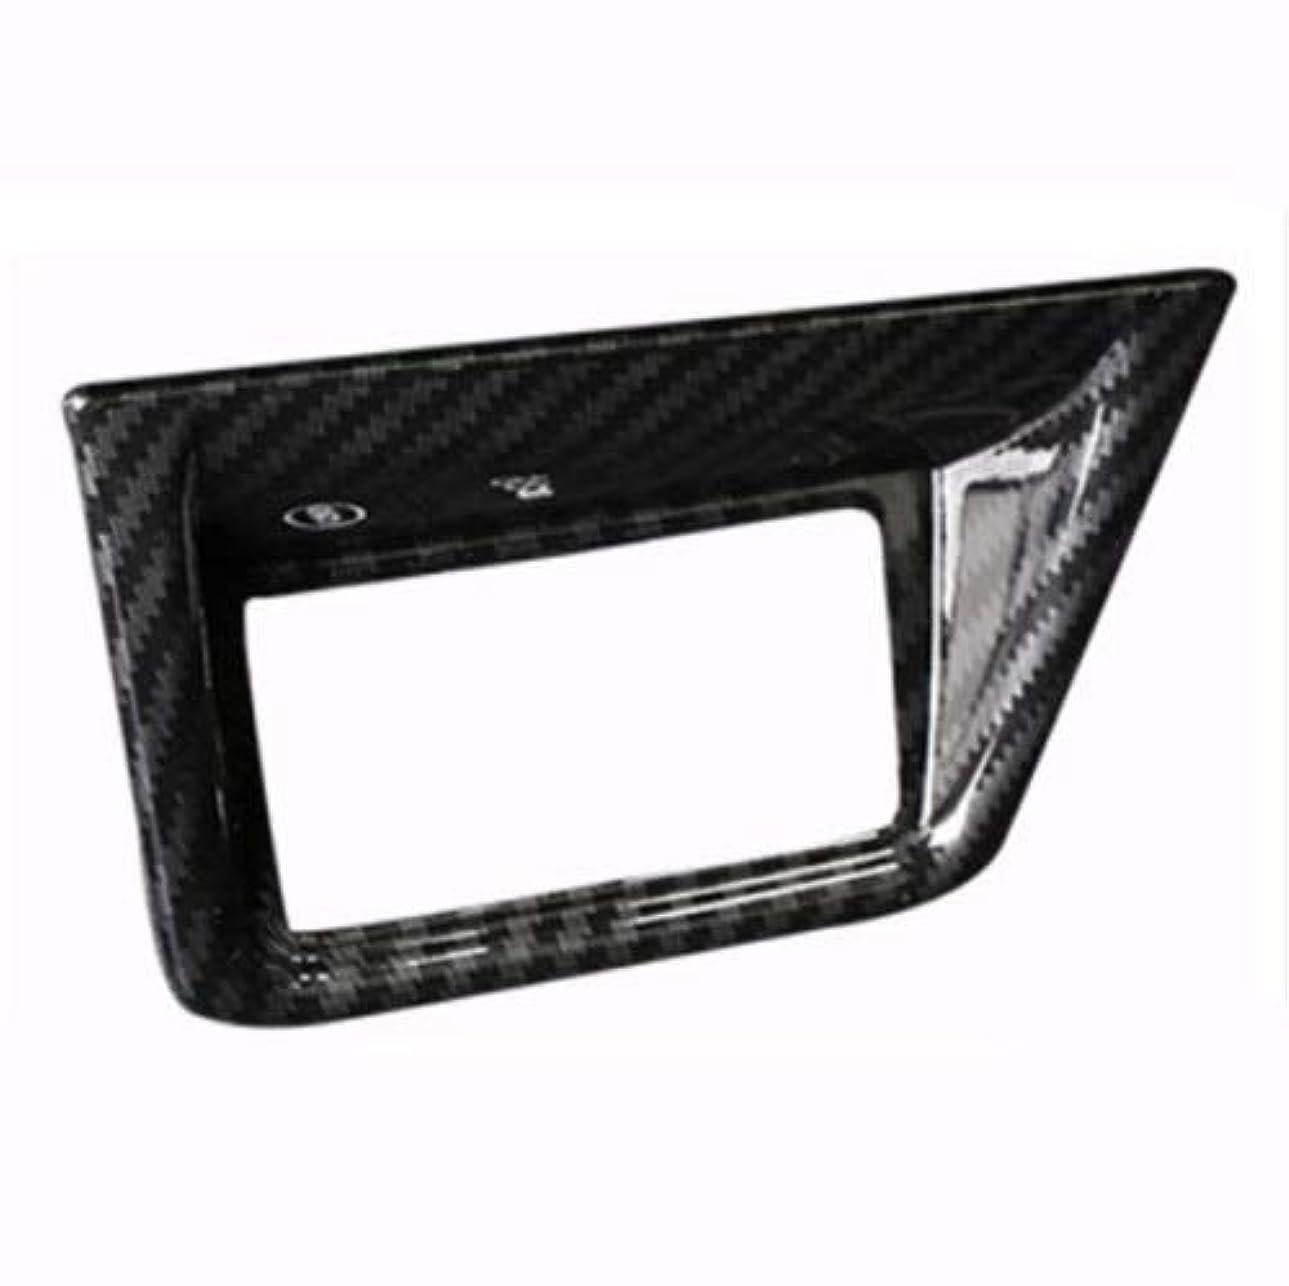 コットンスクラッチゲームJicorzo - Carbon Fiber Style Car Lower left Middle Console Cover Trim Fit For Honda Accord 2018 Car Interior Accessories...